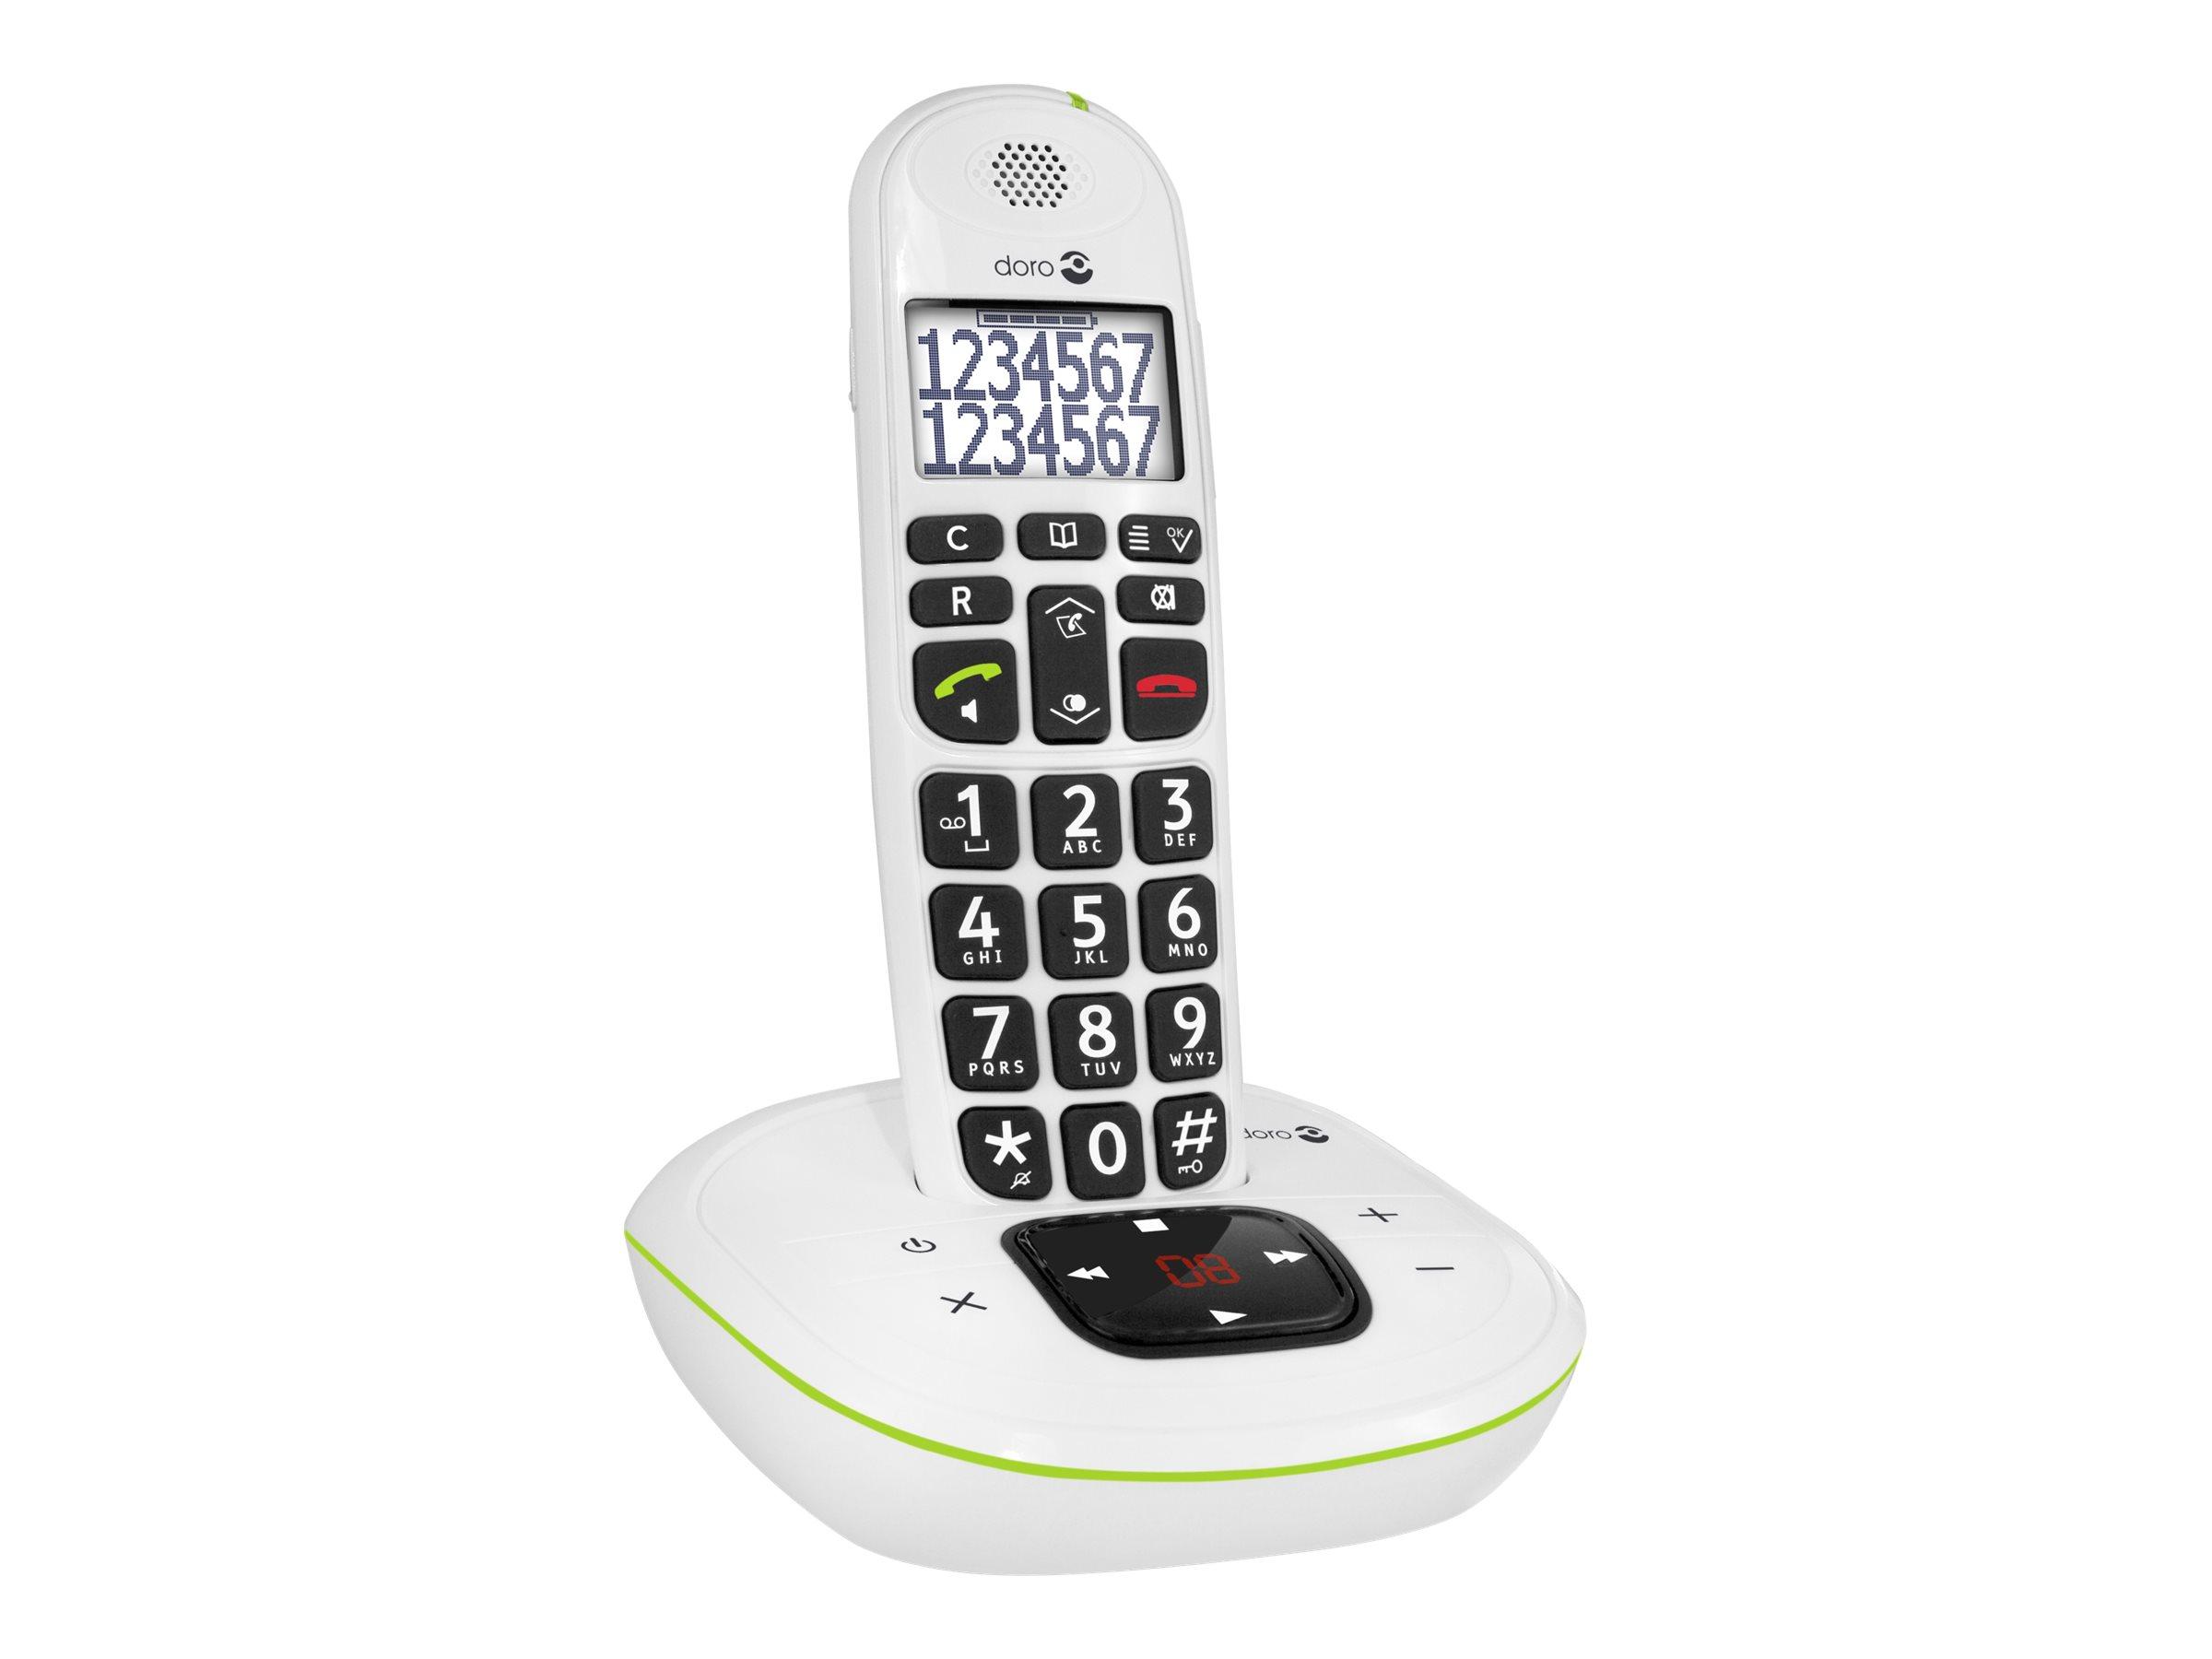 DORO PhoneEasy 115 - Schnurlostelefon - Anrufbeantworter mit Rufnummernanzeige/Anklopffunktion - DECT\GAP - weiss